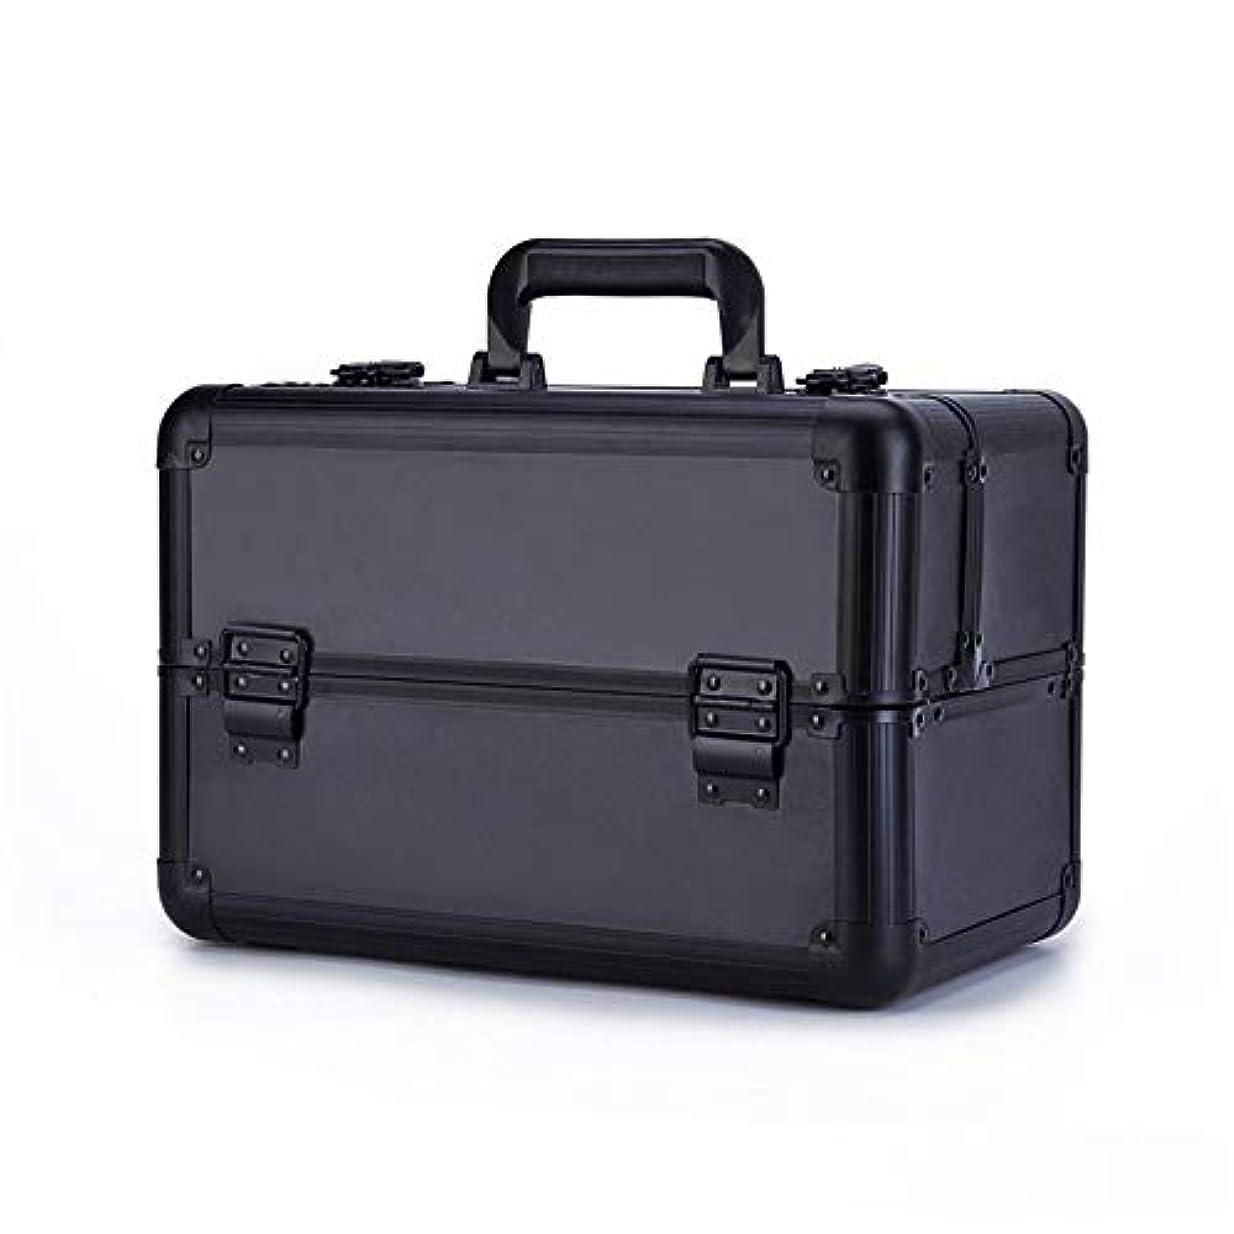 相関する疲れたも化粧オーガナイザーバッグ 大容量倉庫美容化粧箱ネイルジュエリー化粧品オーガナイザーバニティケース 化粧品ケース (色 : ブラック)